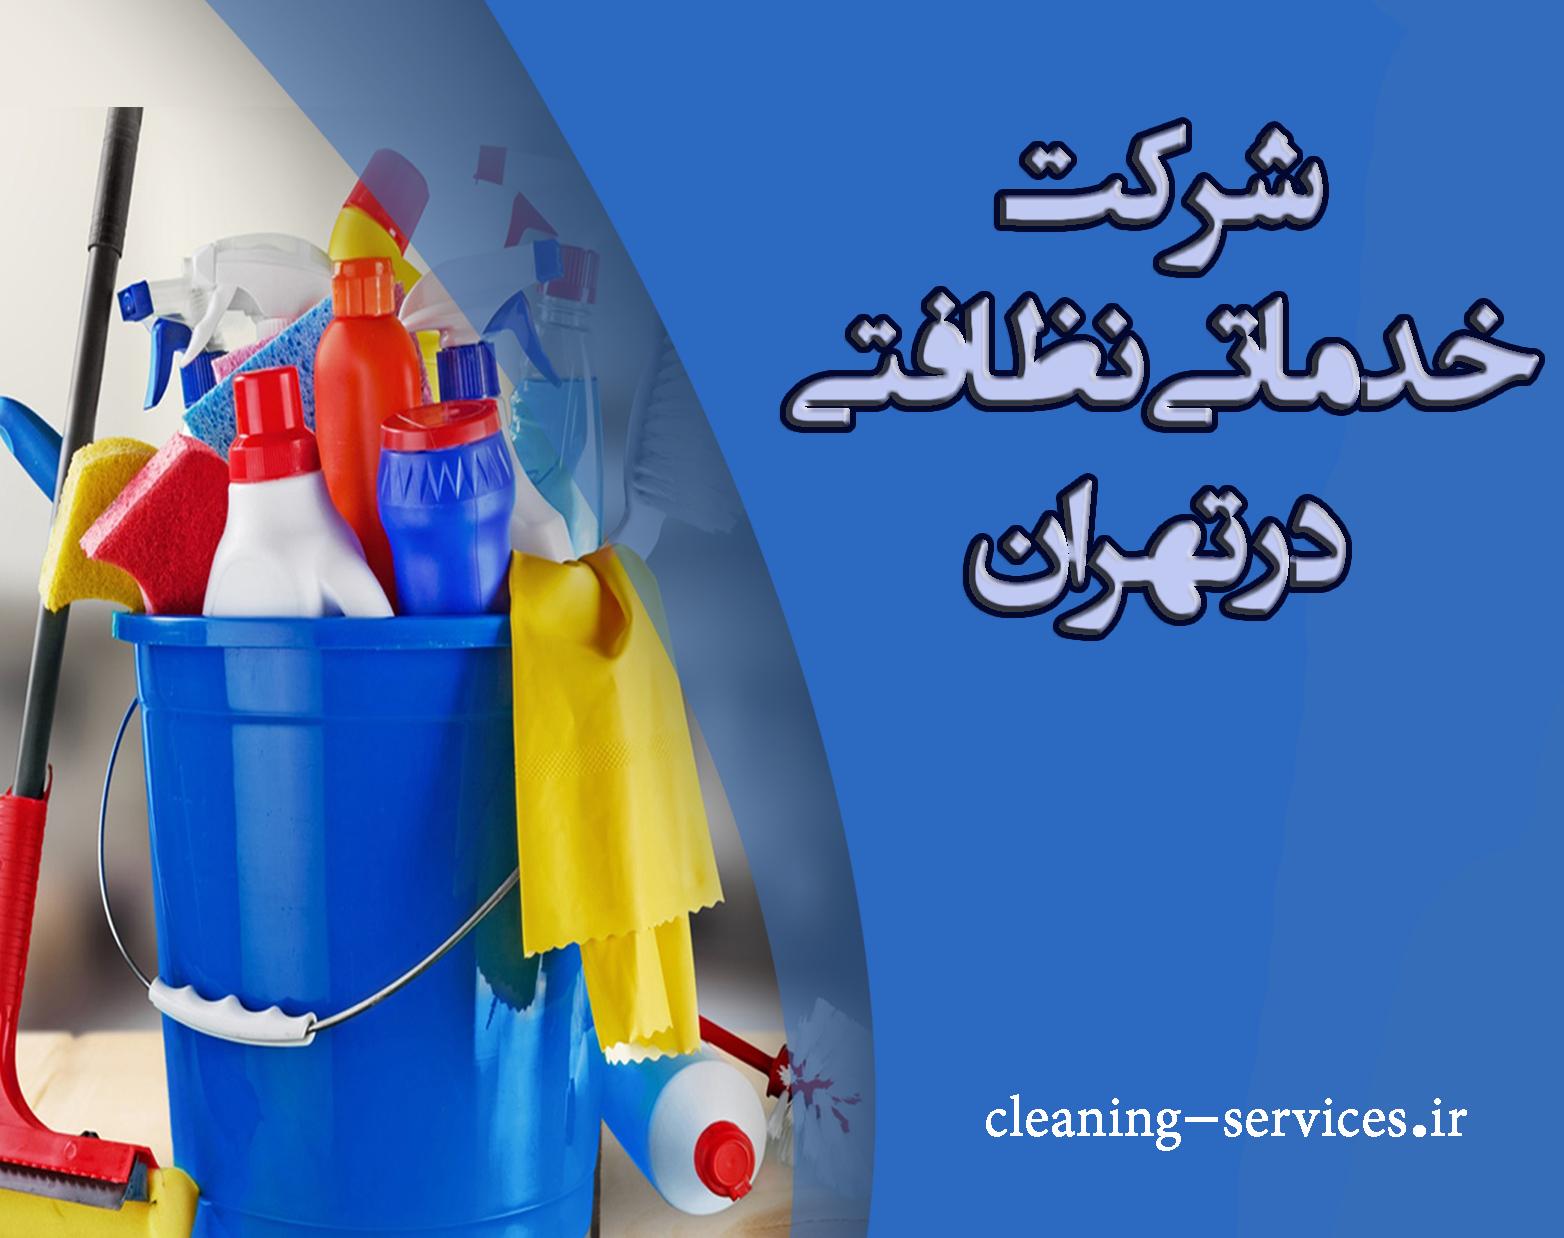 شرکت خدماتی در تهران